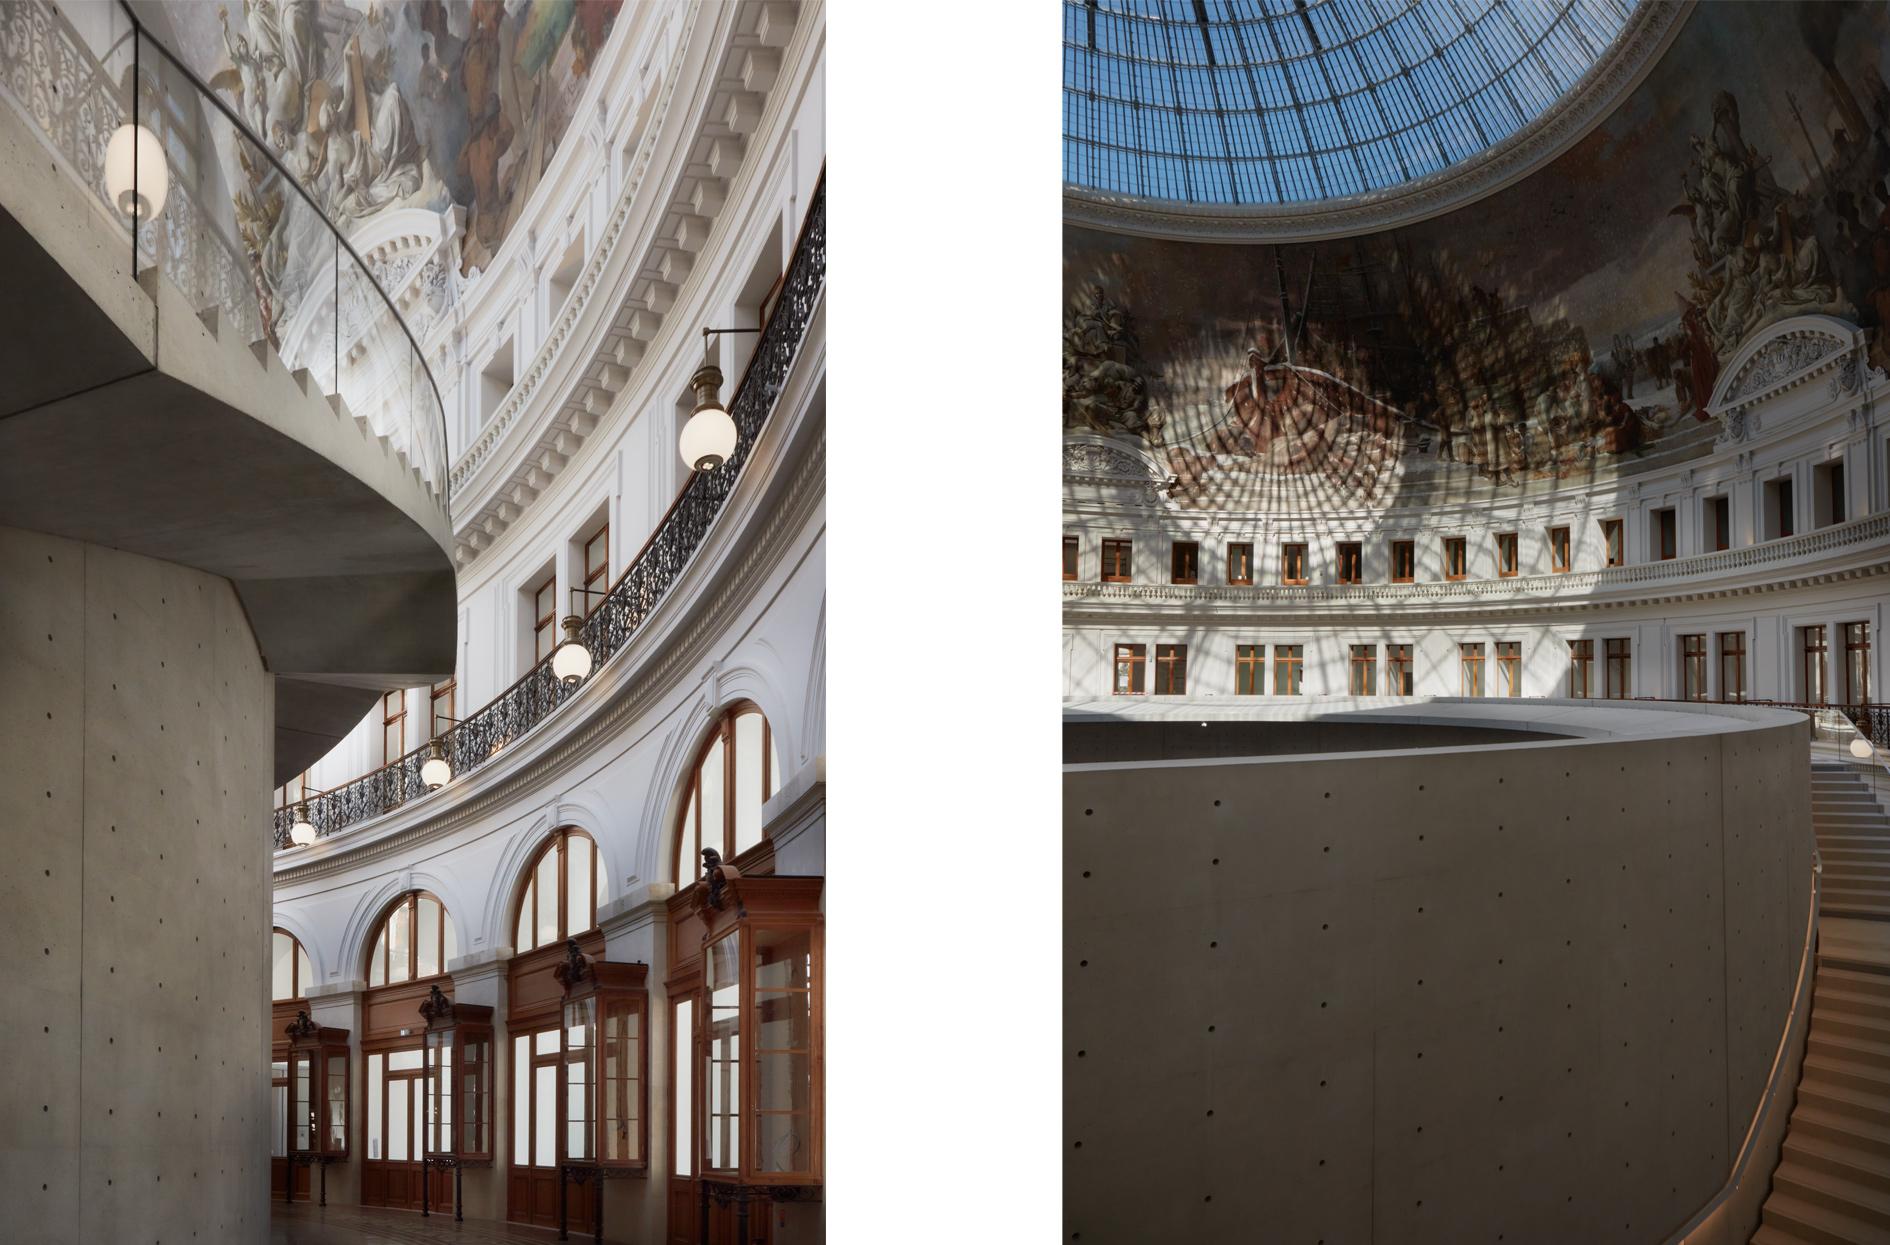 Thumbnail Bourse de Commerce Pinault Collection / 5